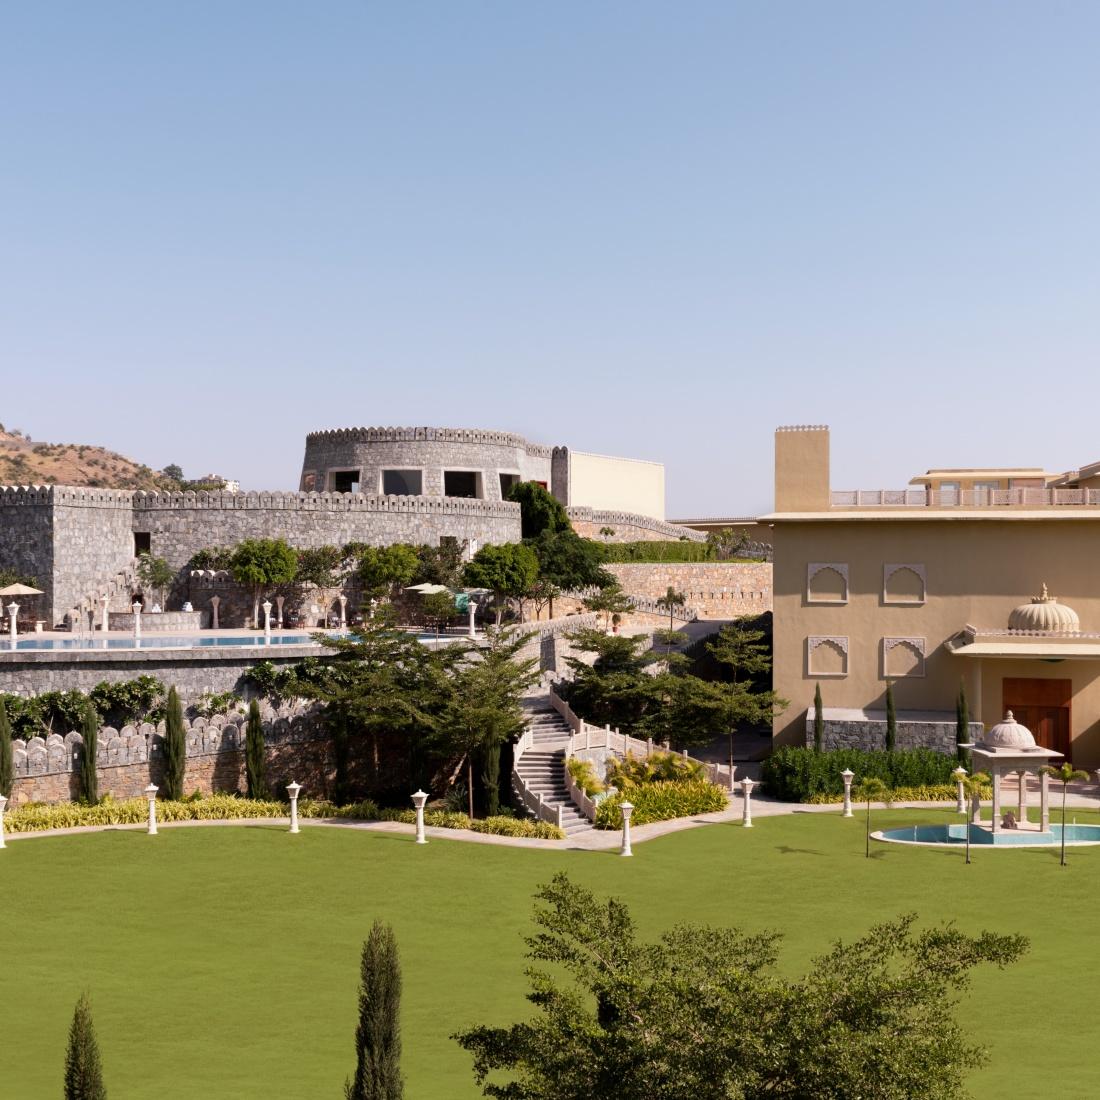 Raajsa Resort Kumbhalgarh Kumbhalgarh - Garden - 1336568